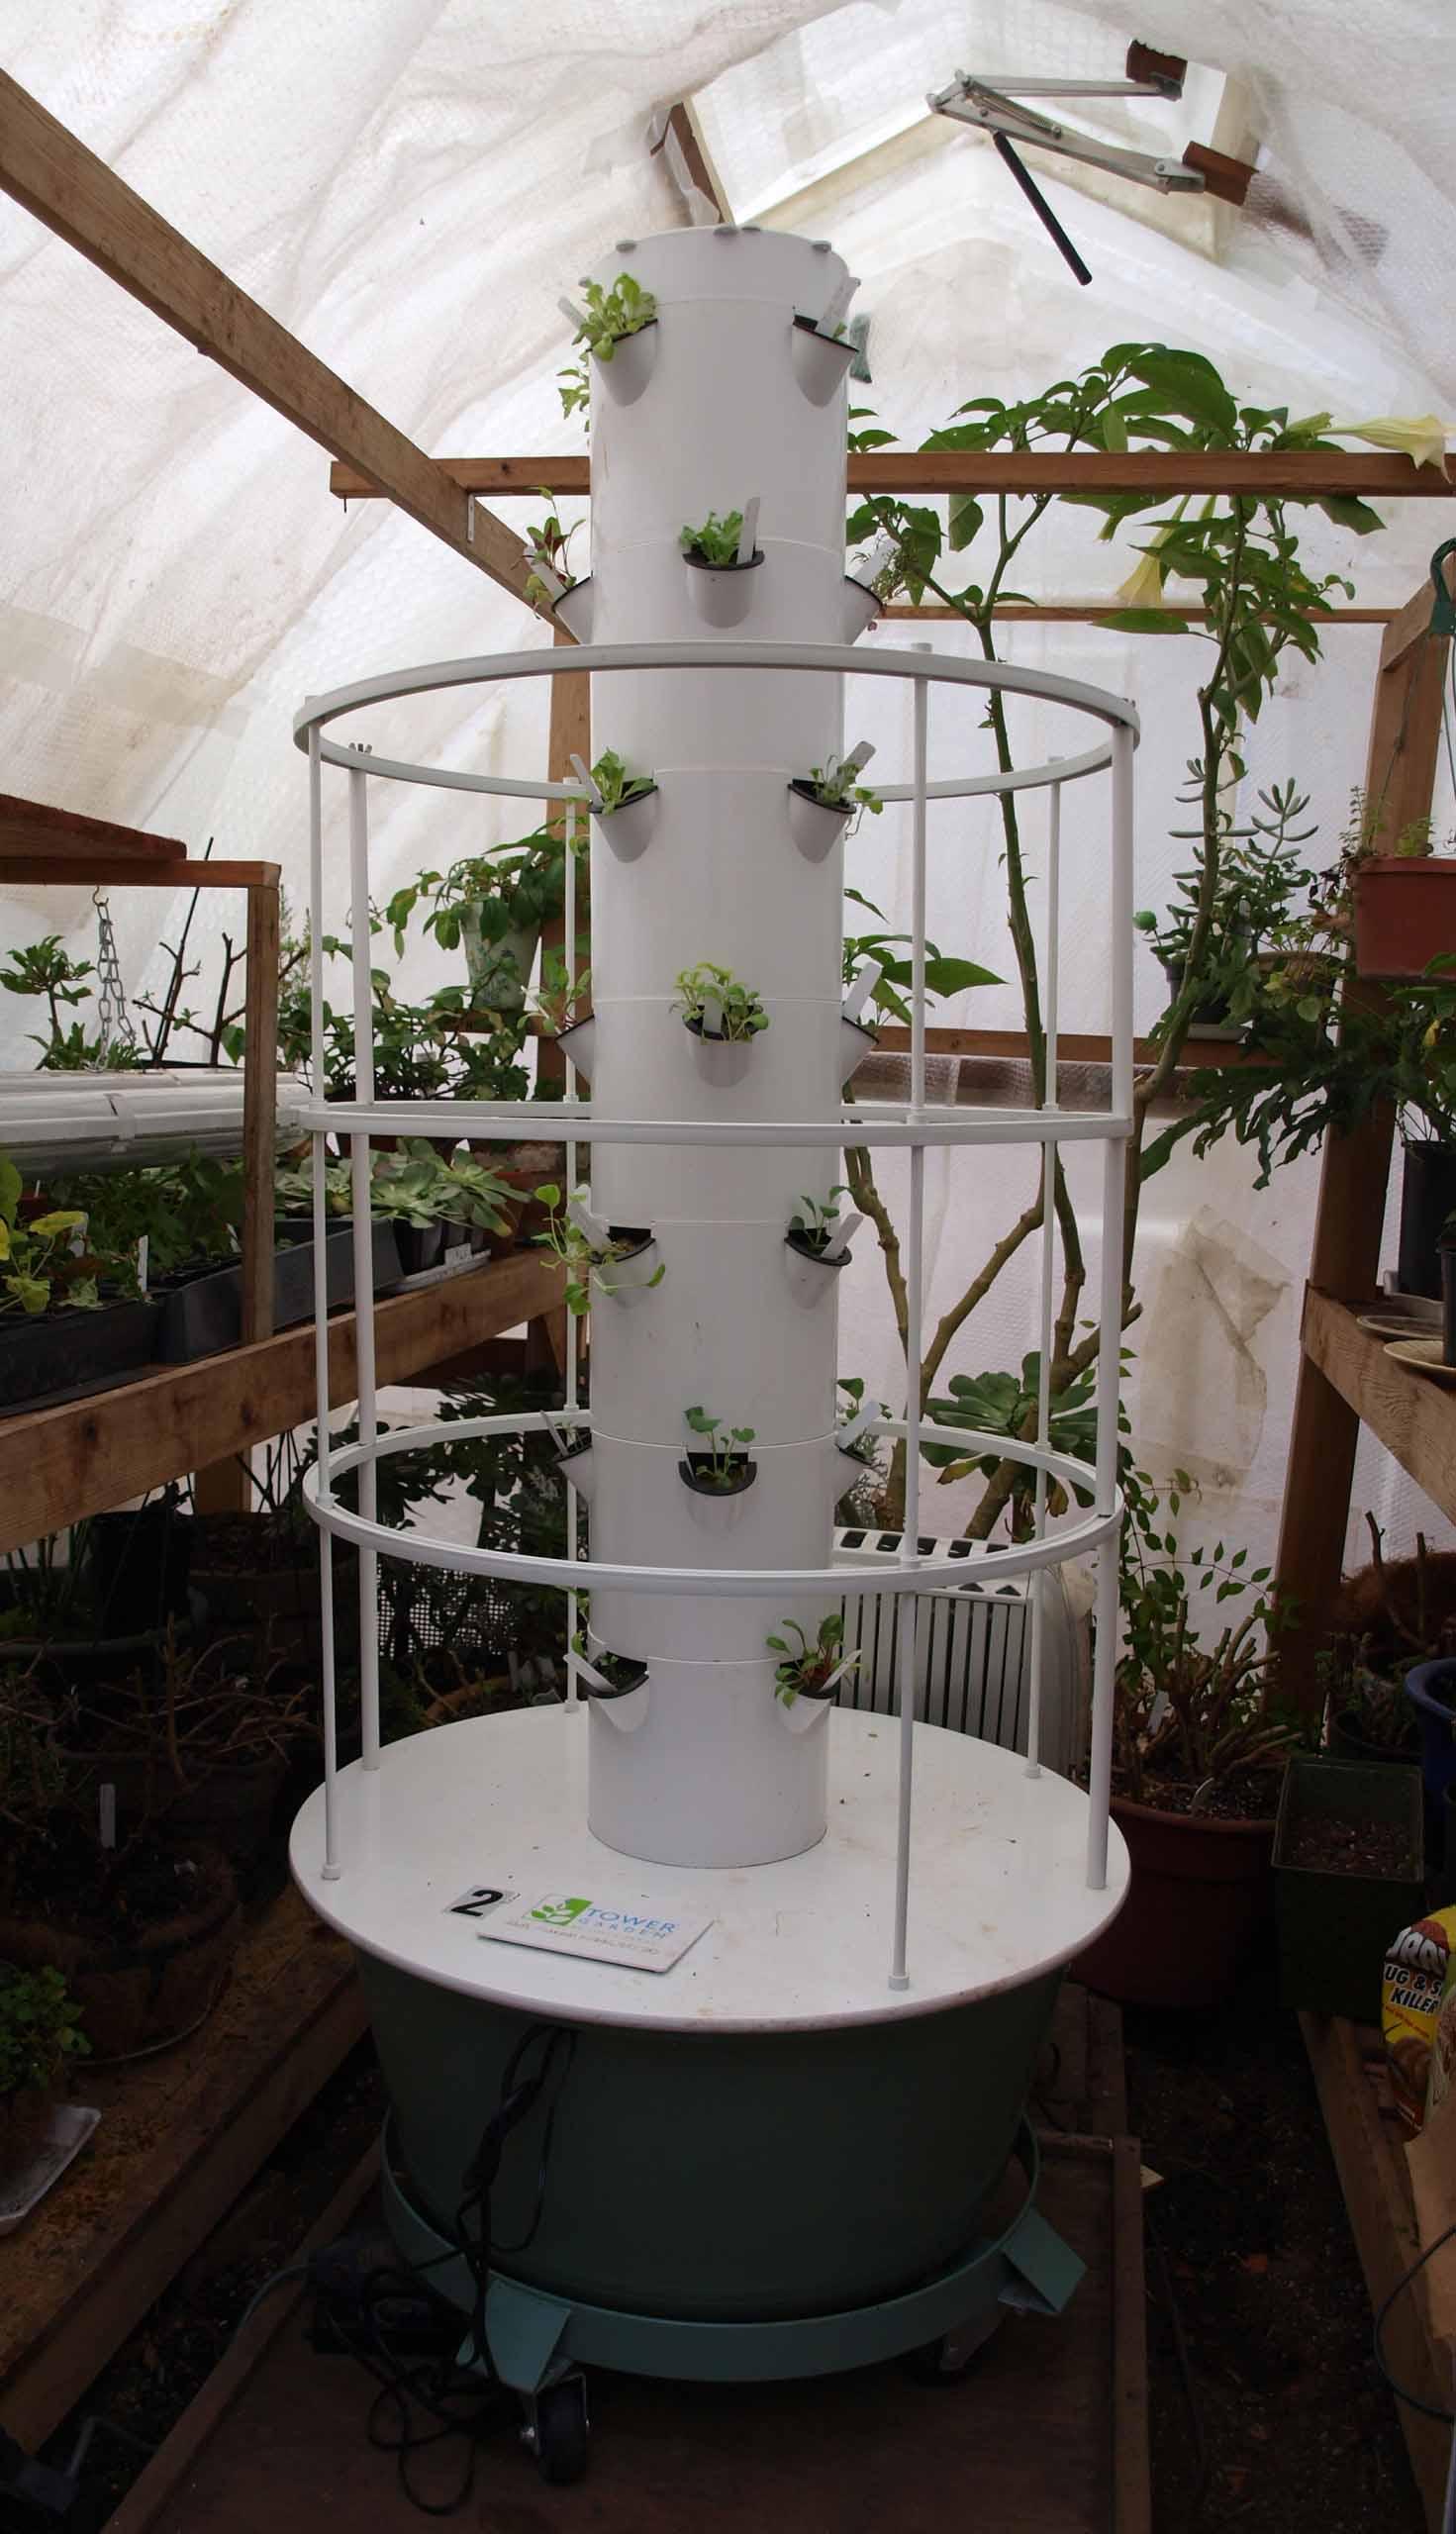 Tower garden t 5 growing lights backyard tower garden for Vertical garden tower